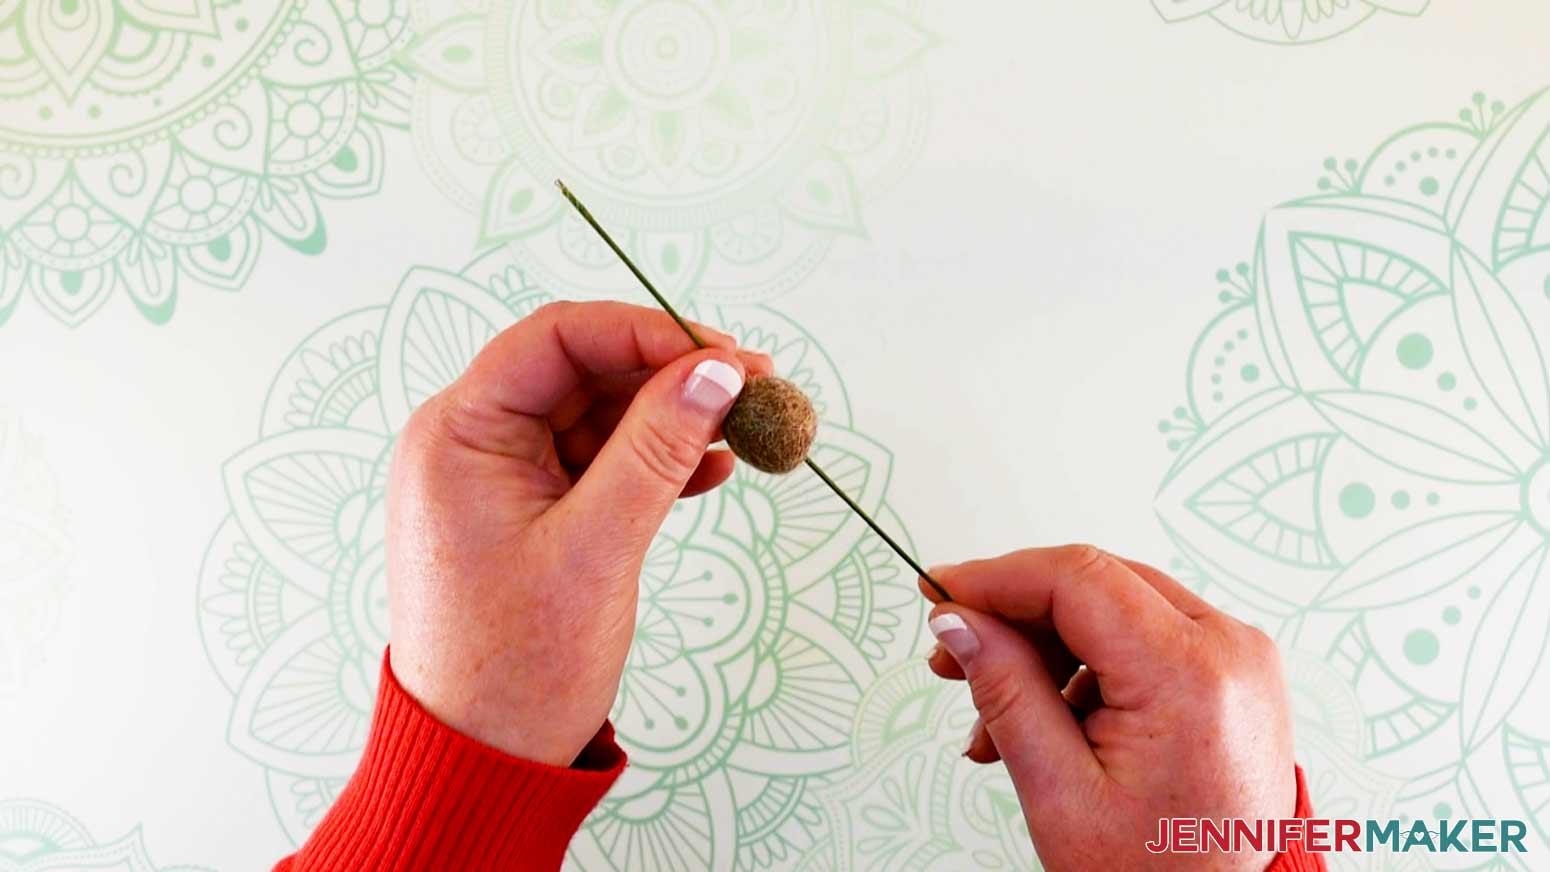 Feeding wire through wool ball head of flower fairy doll